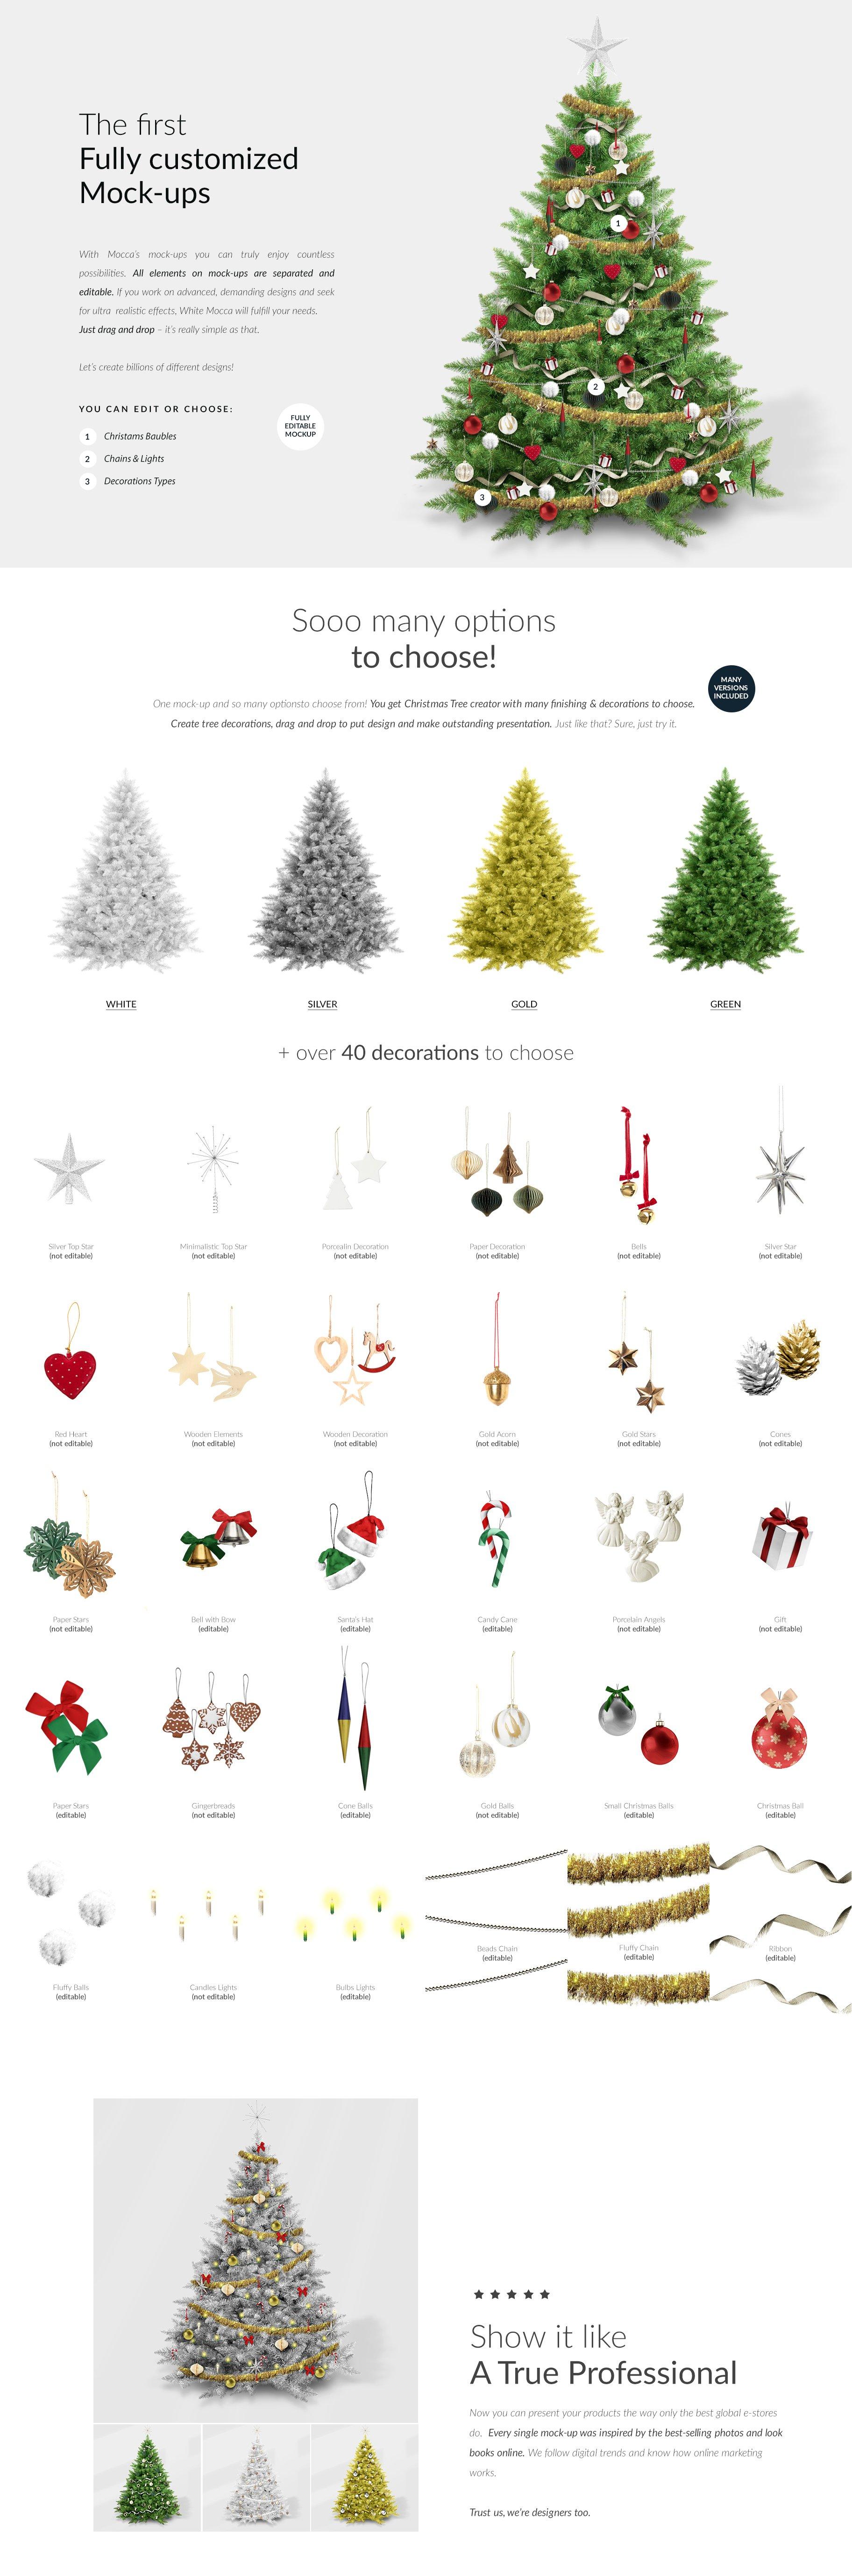 时尚圣诞树场景创造者装饰图案PSD素材 Christmas Tree Creator Mockup插图(1)